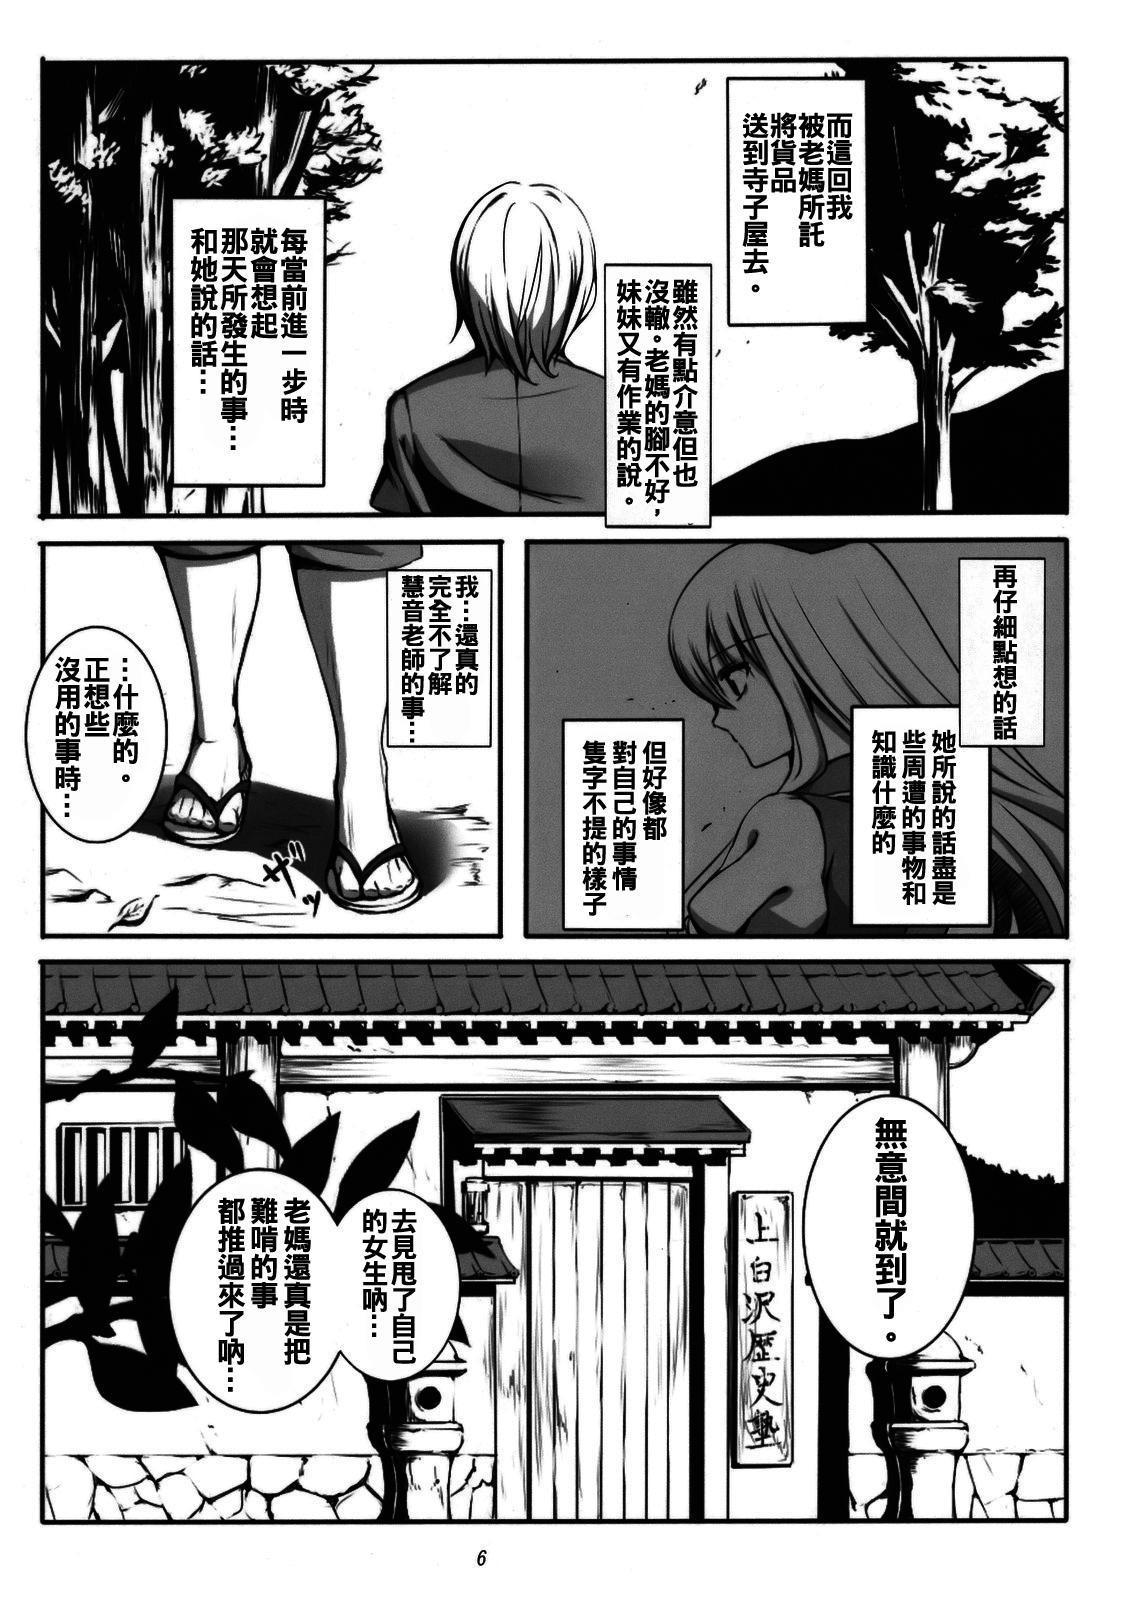 Kanojo no Himitsu 6